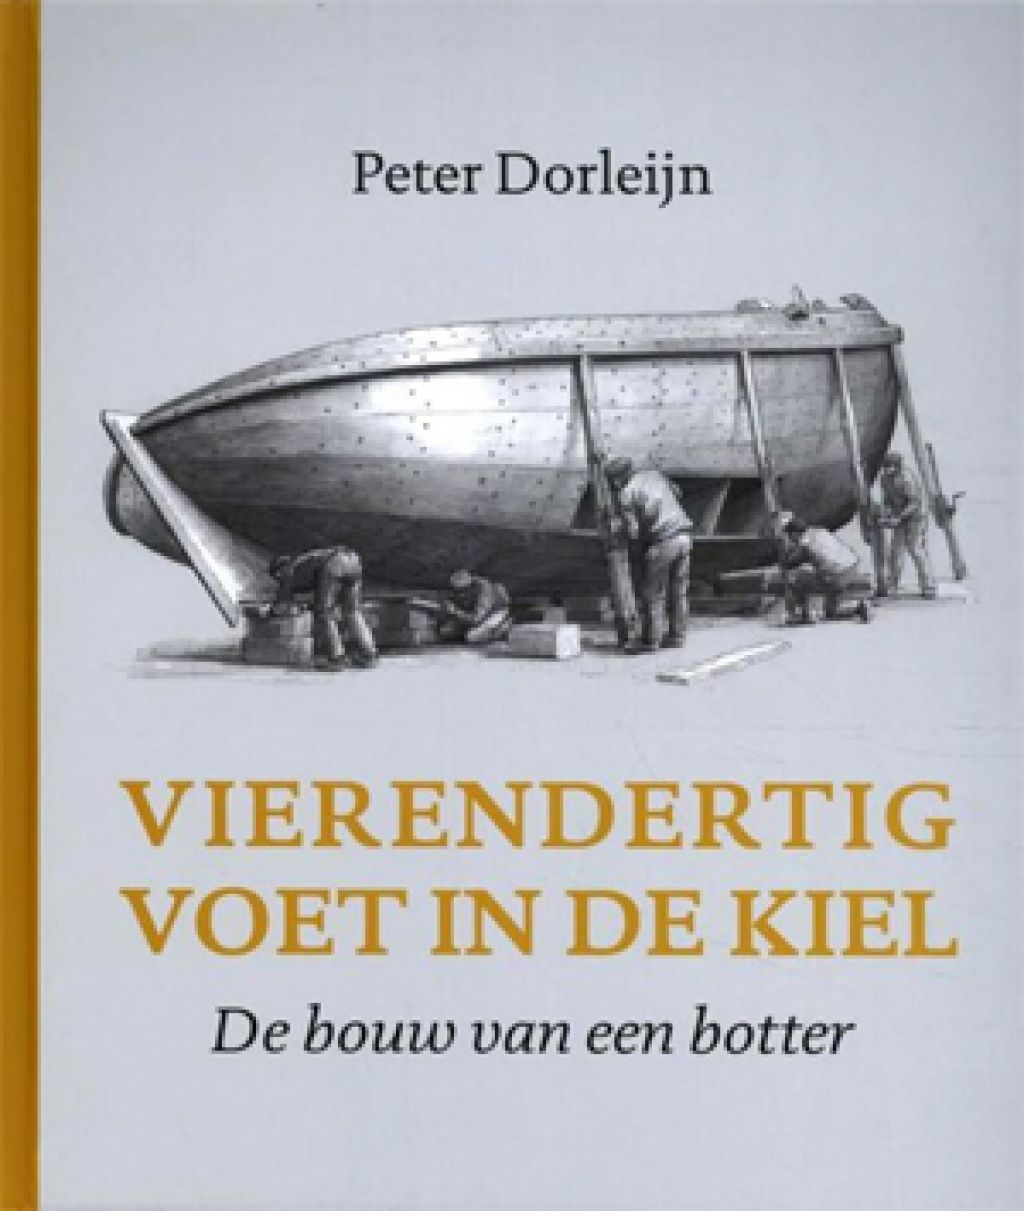 De Bouwgeschiedenis Van De Botter Stichting Stamboek Ronde En